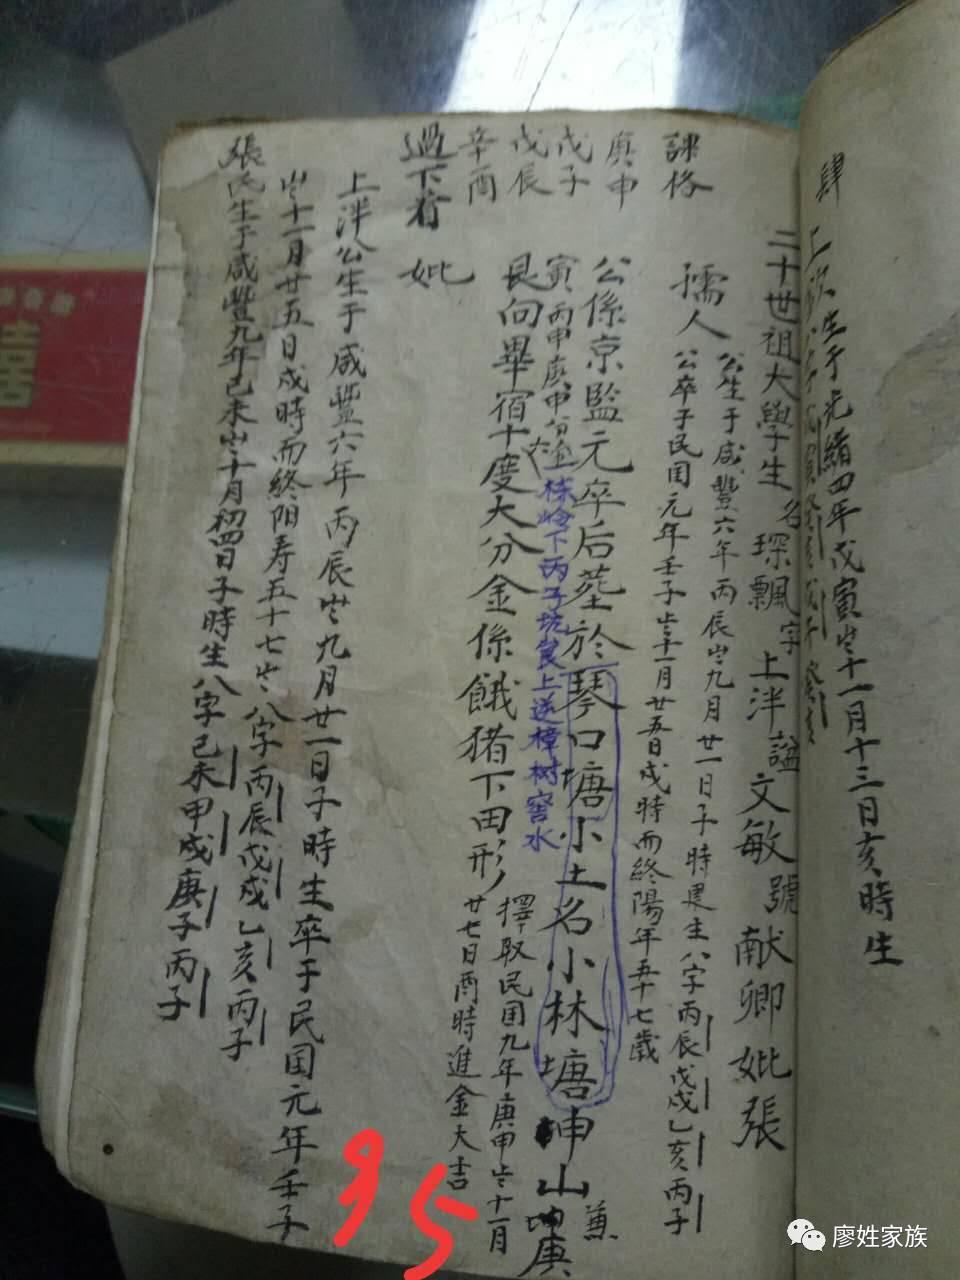 江西吉安廖氏家谱图片